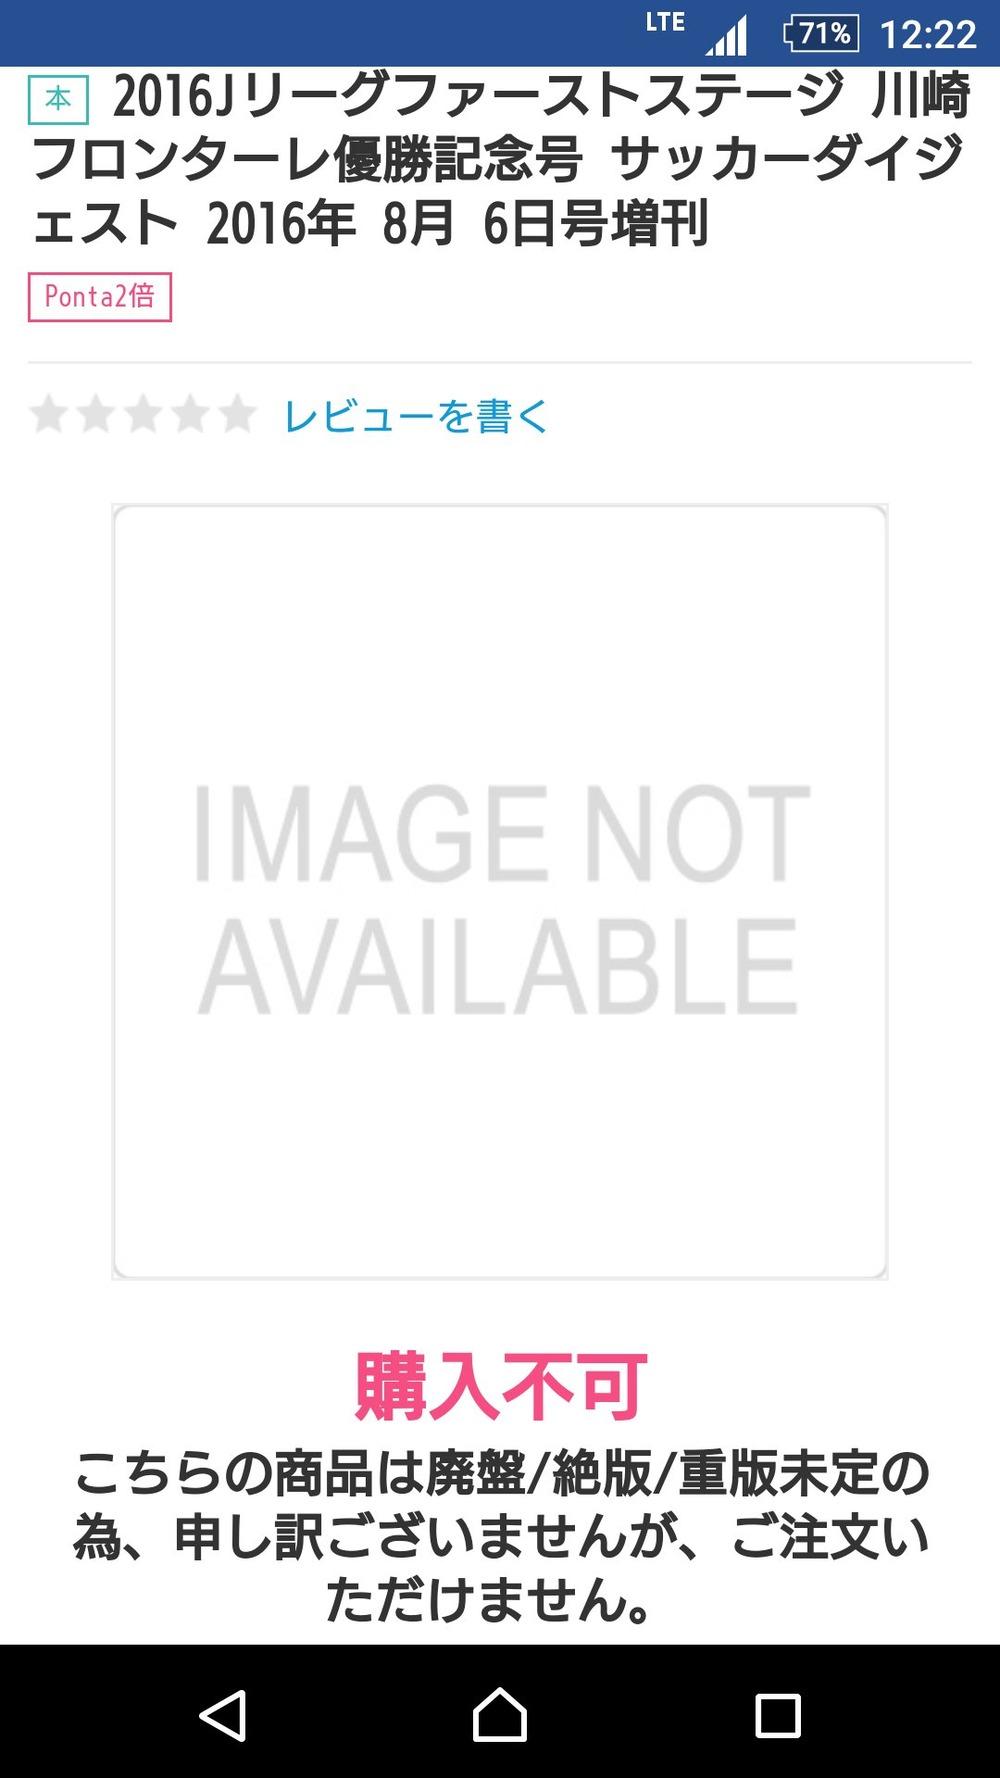 ◆悲報◆サカダイ2016Jリーグ1st川崎フロンターレ優記念増刊号購入不可(´・ω・`)